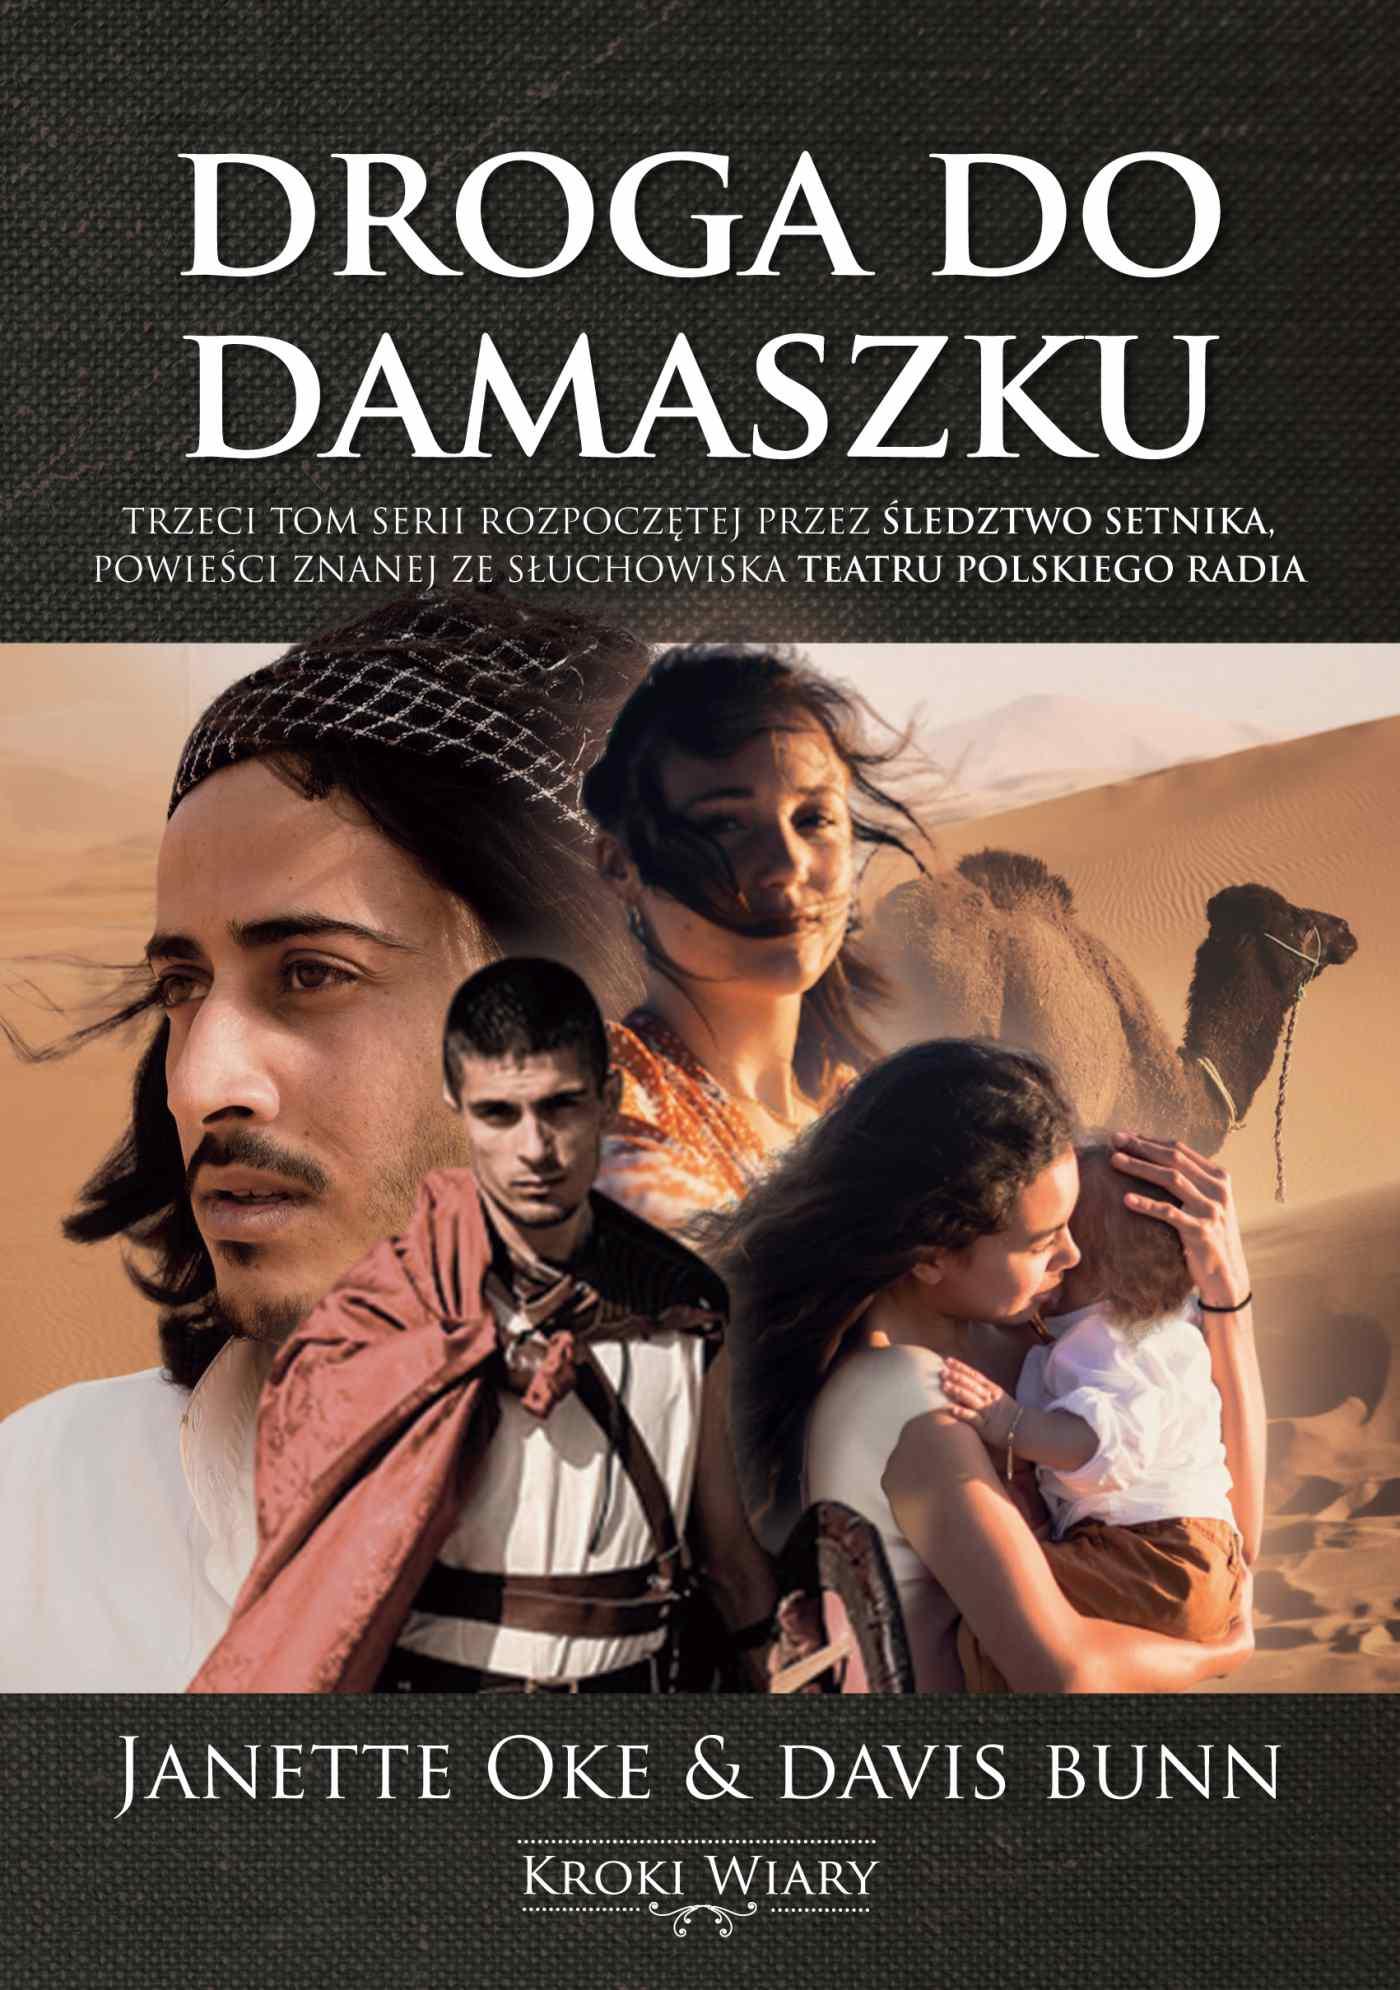 Droga do Damaszku. Kroki wiary. Tom 3 - Ebook (Książka EPUB) do pobrania w formacie EPUB